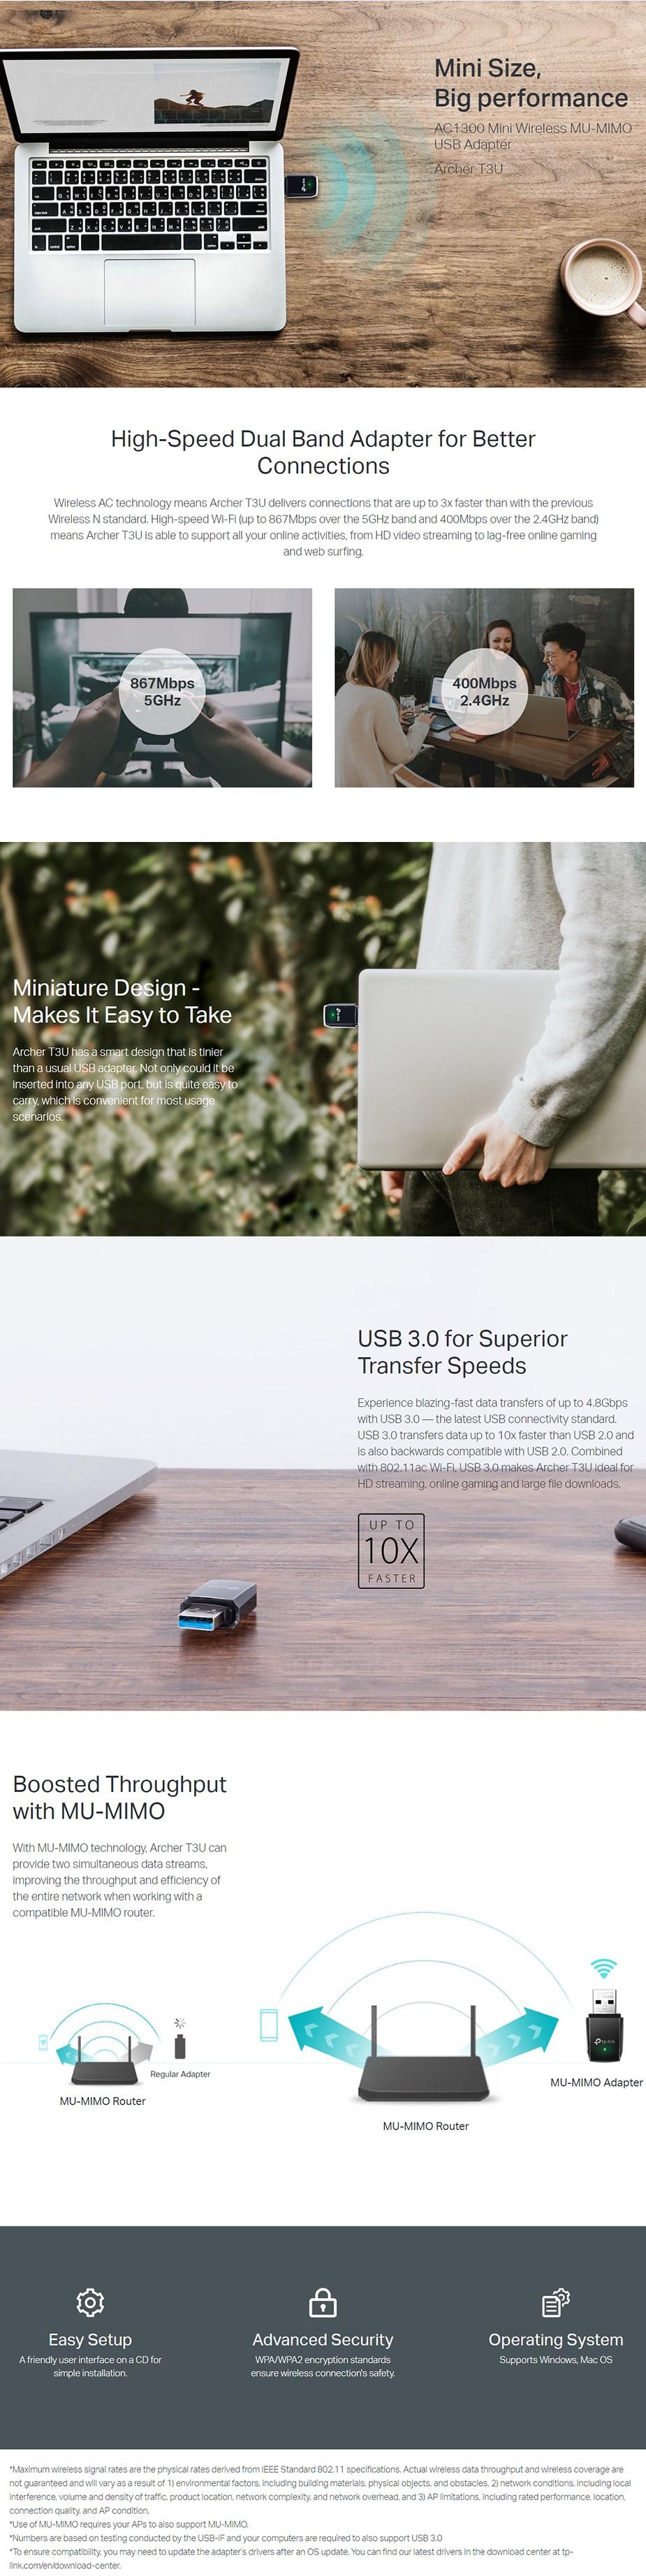 TP-Link Archer T3U AC1300 Mini Wireless MU-MIMO USB Adapter - Desktop Overview 1